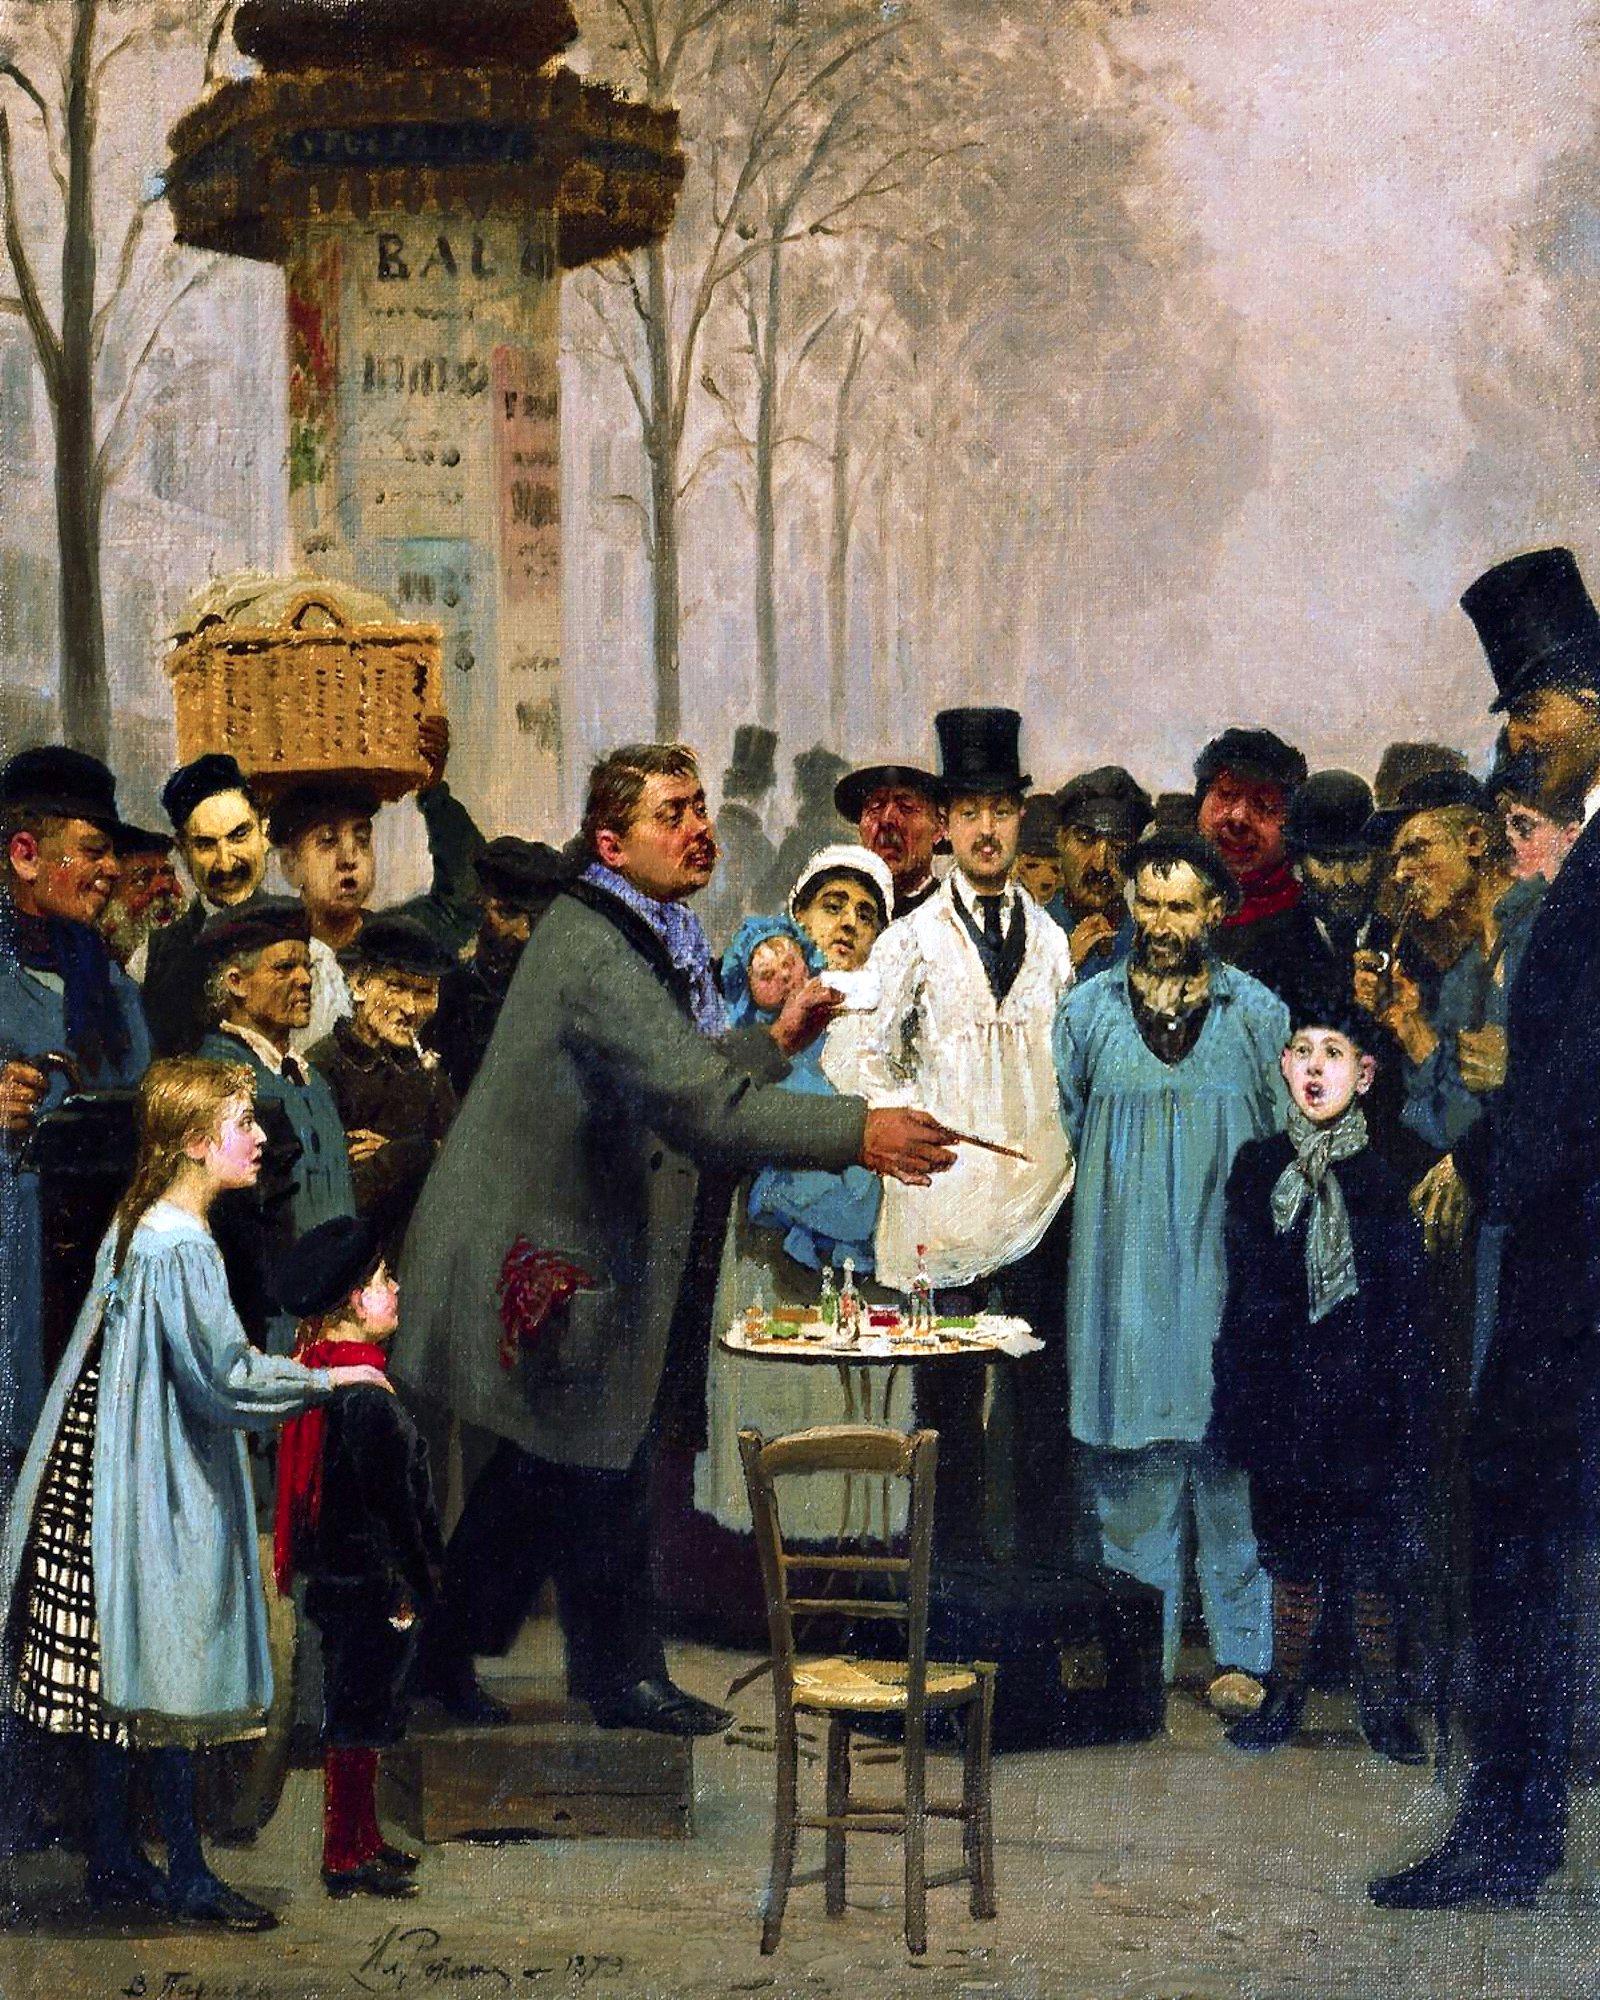 00 Ilya Repin. A Newspaper Vendor in Paris. 1873